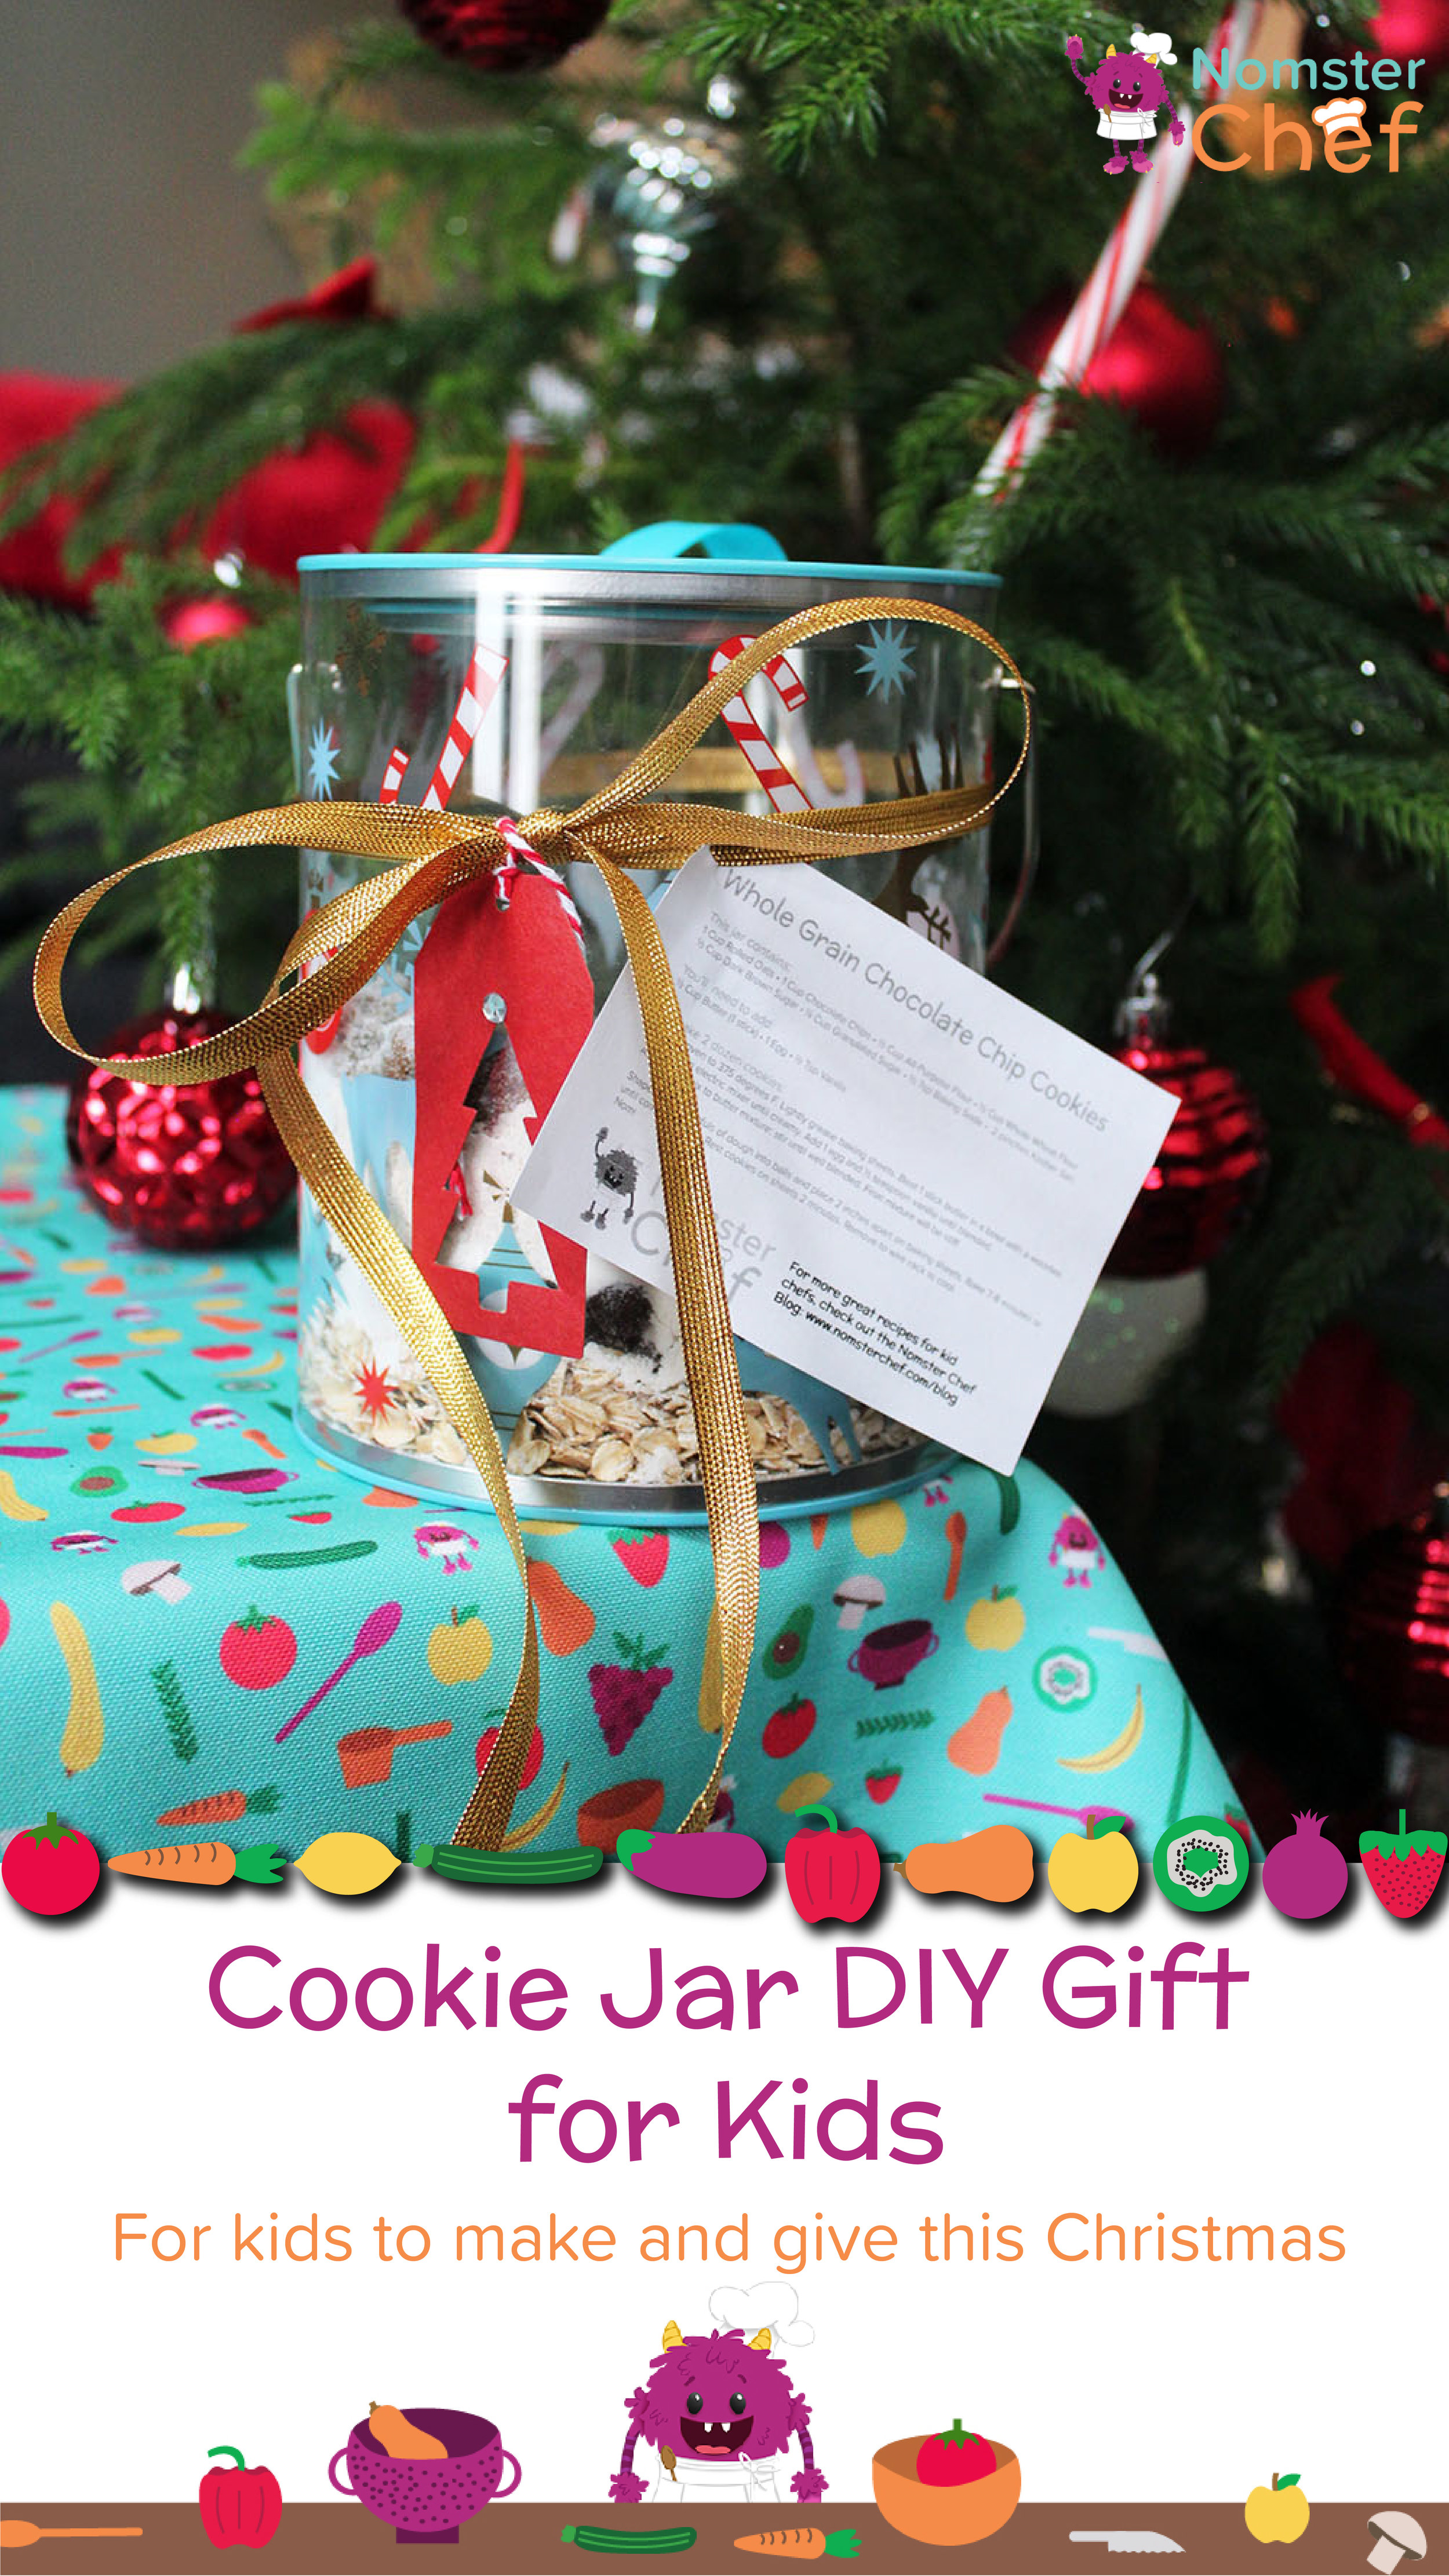 Cookie Jar Gift DIY for Kids - Nomster Chef.jpg